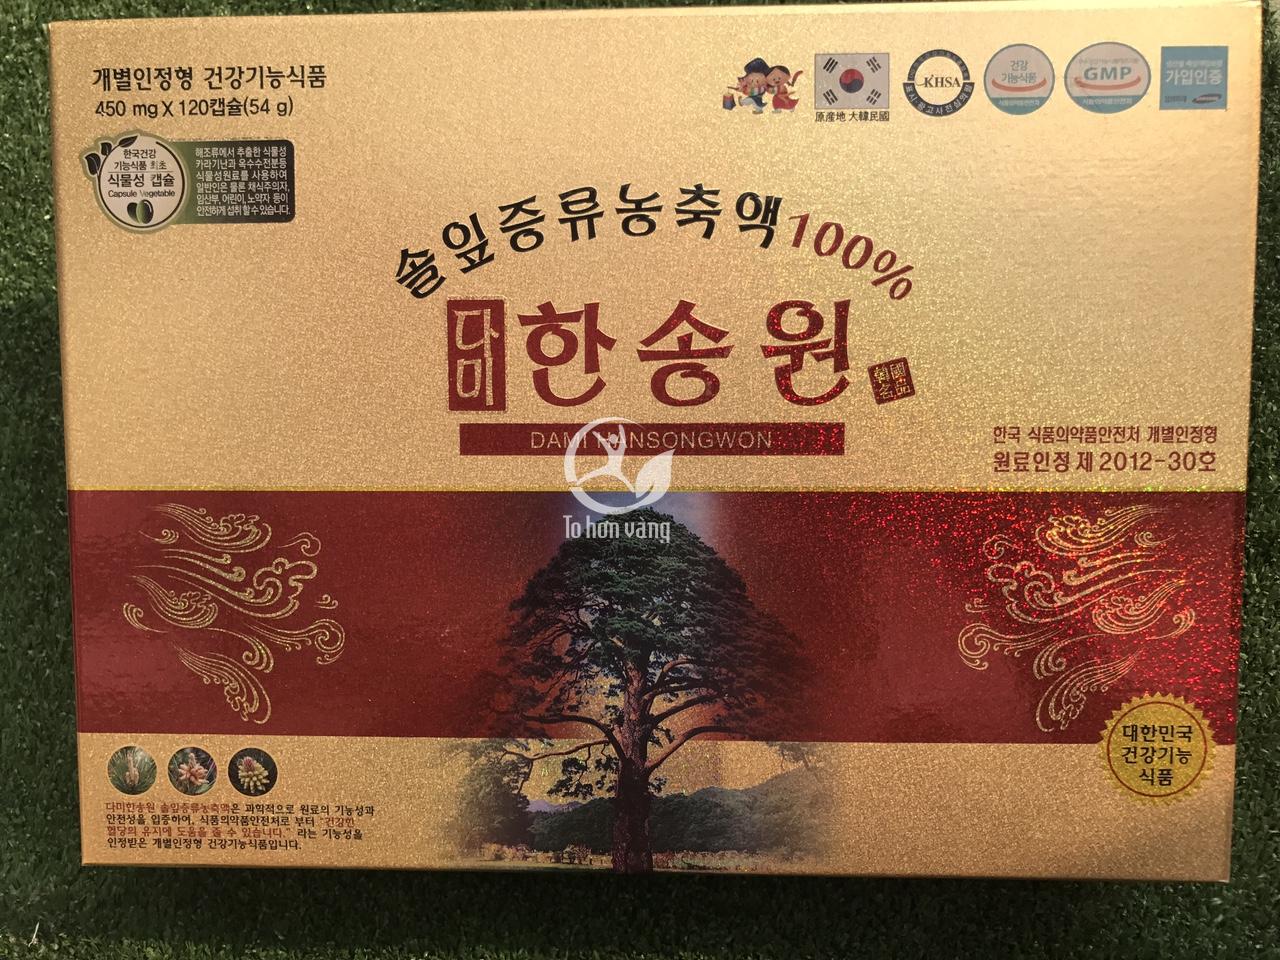 Tinh dầu thông đỏ Dami Hansongwon 120 viên - Sản phẩm cao cấp được bán tại trung trâm nghiên cứu tinh dầu thông đỏ của Chính phủ Hàn Quốc